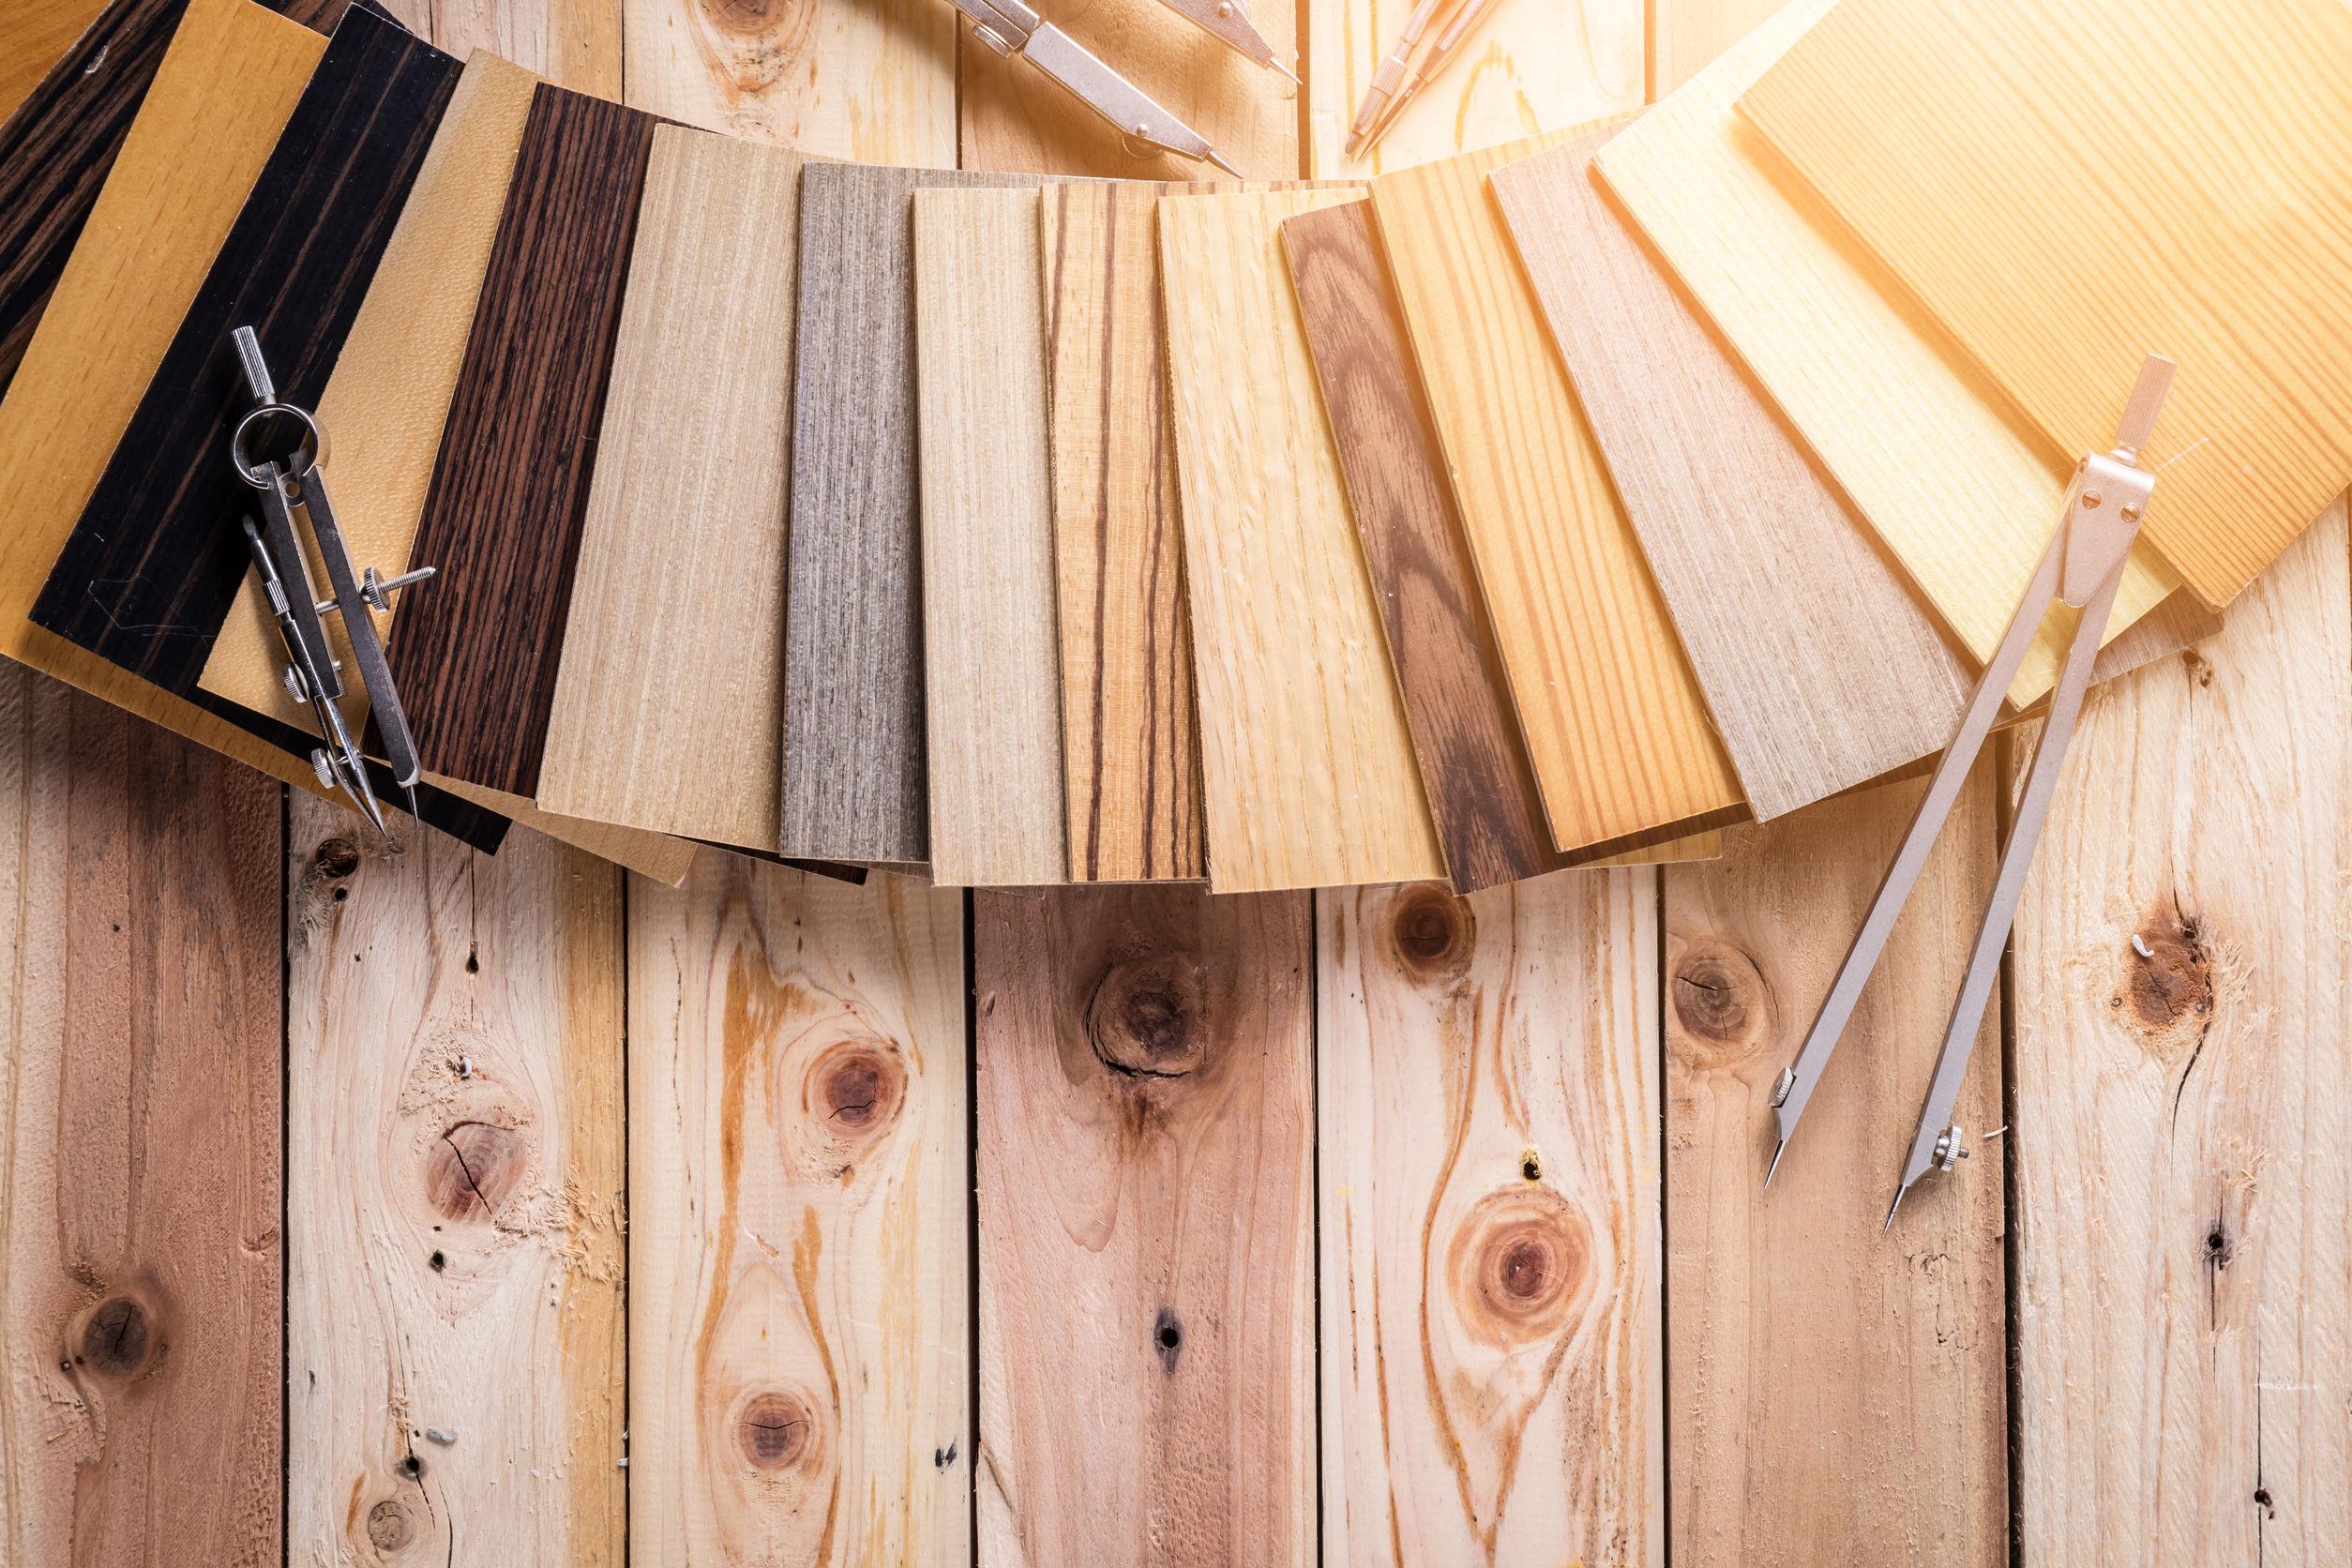 Wood Floor Textures And Patterns Woodfloordoctor Com